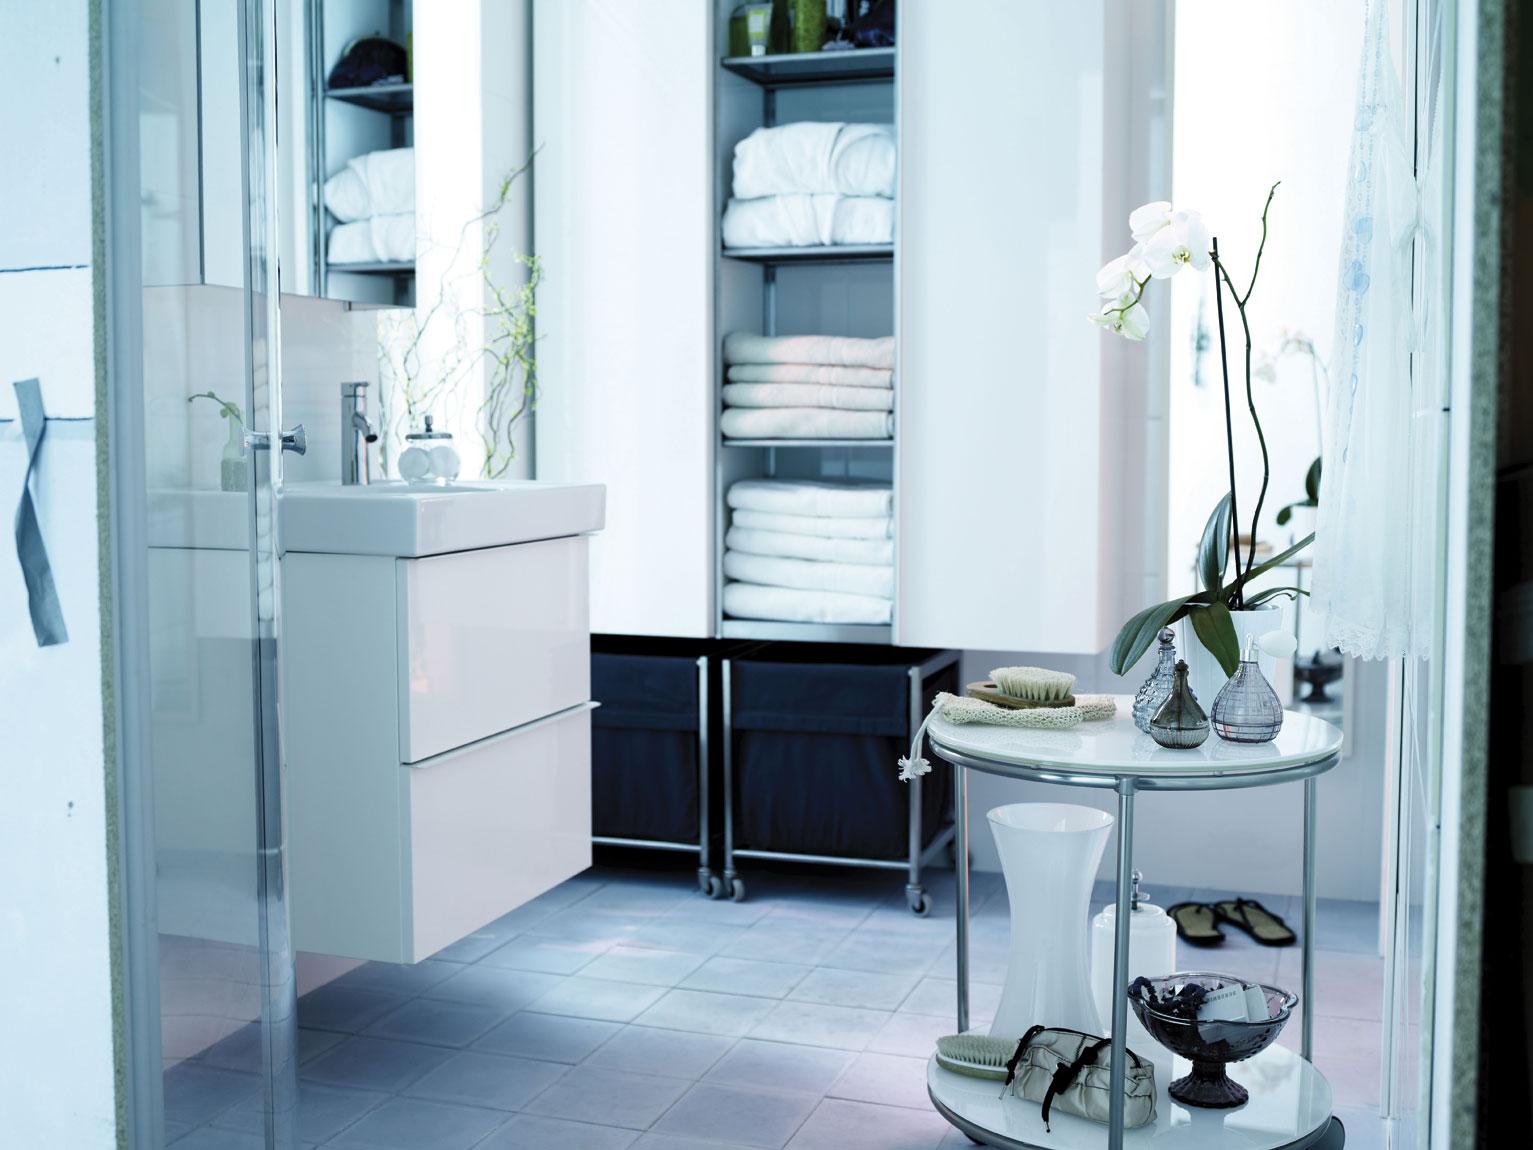 Ikea banos catalogo